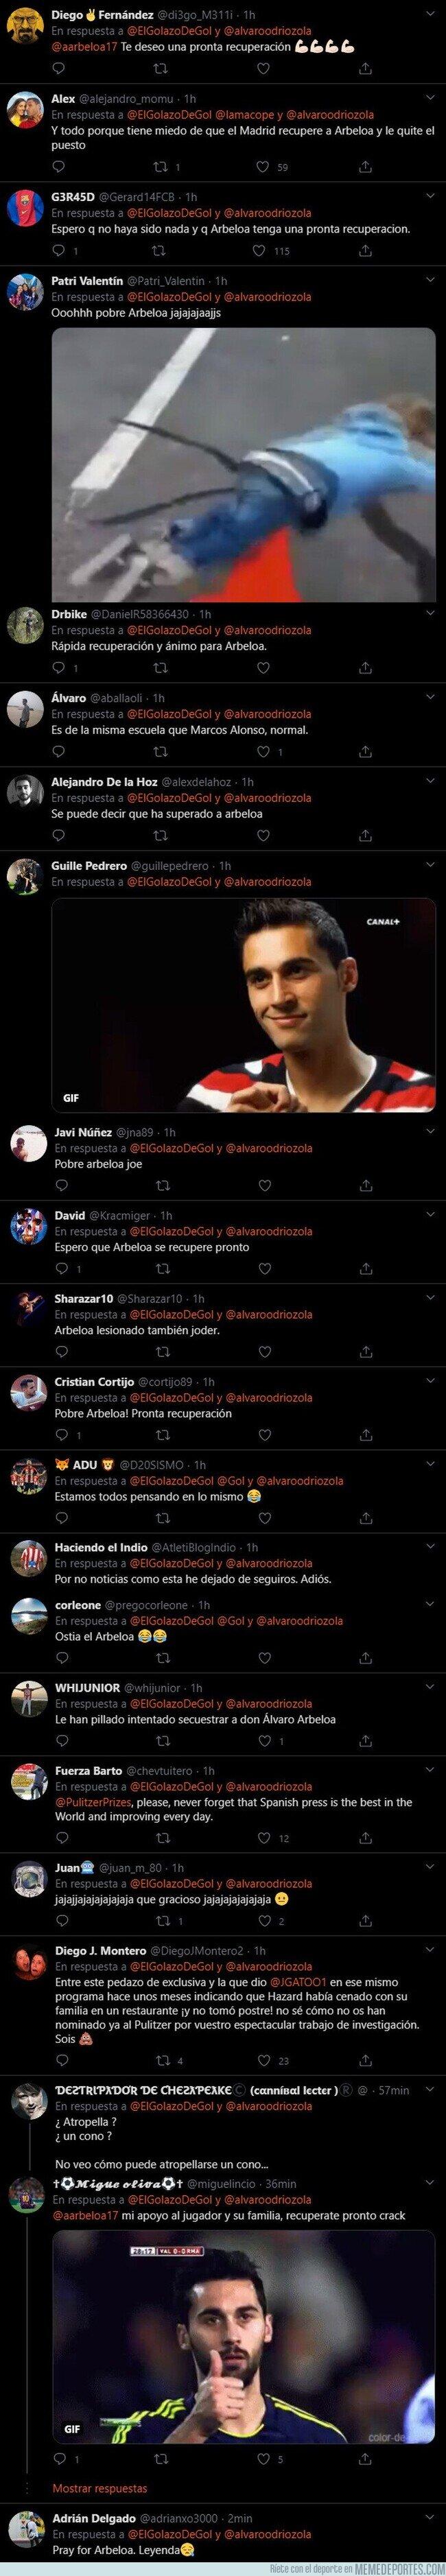 1117408 - Todo el mundo está haciendo la misma broma por el atropello con el coche de Odriozola tras salir del entrenamiento del Real Madrid